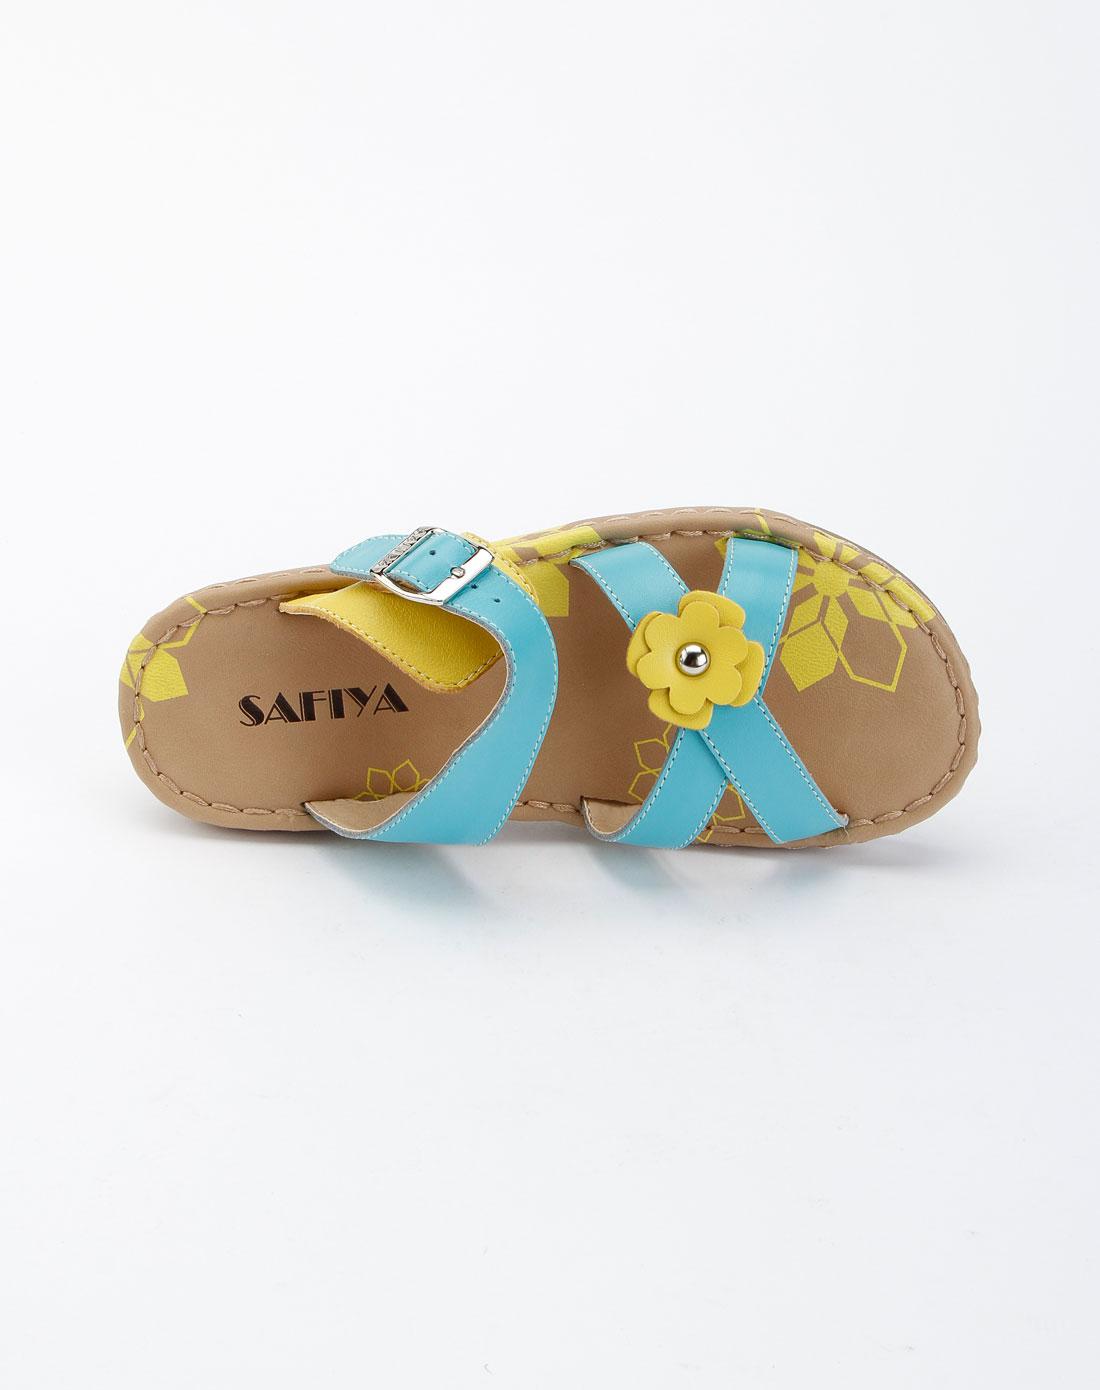 索菲娅safiya蓝色时尚低跟拖鞋sf22s5390361